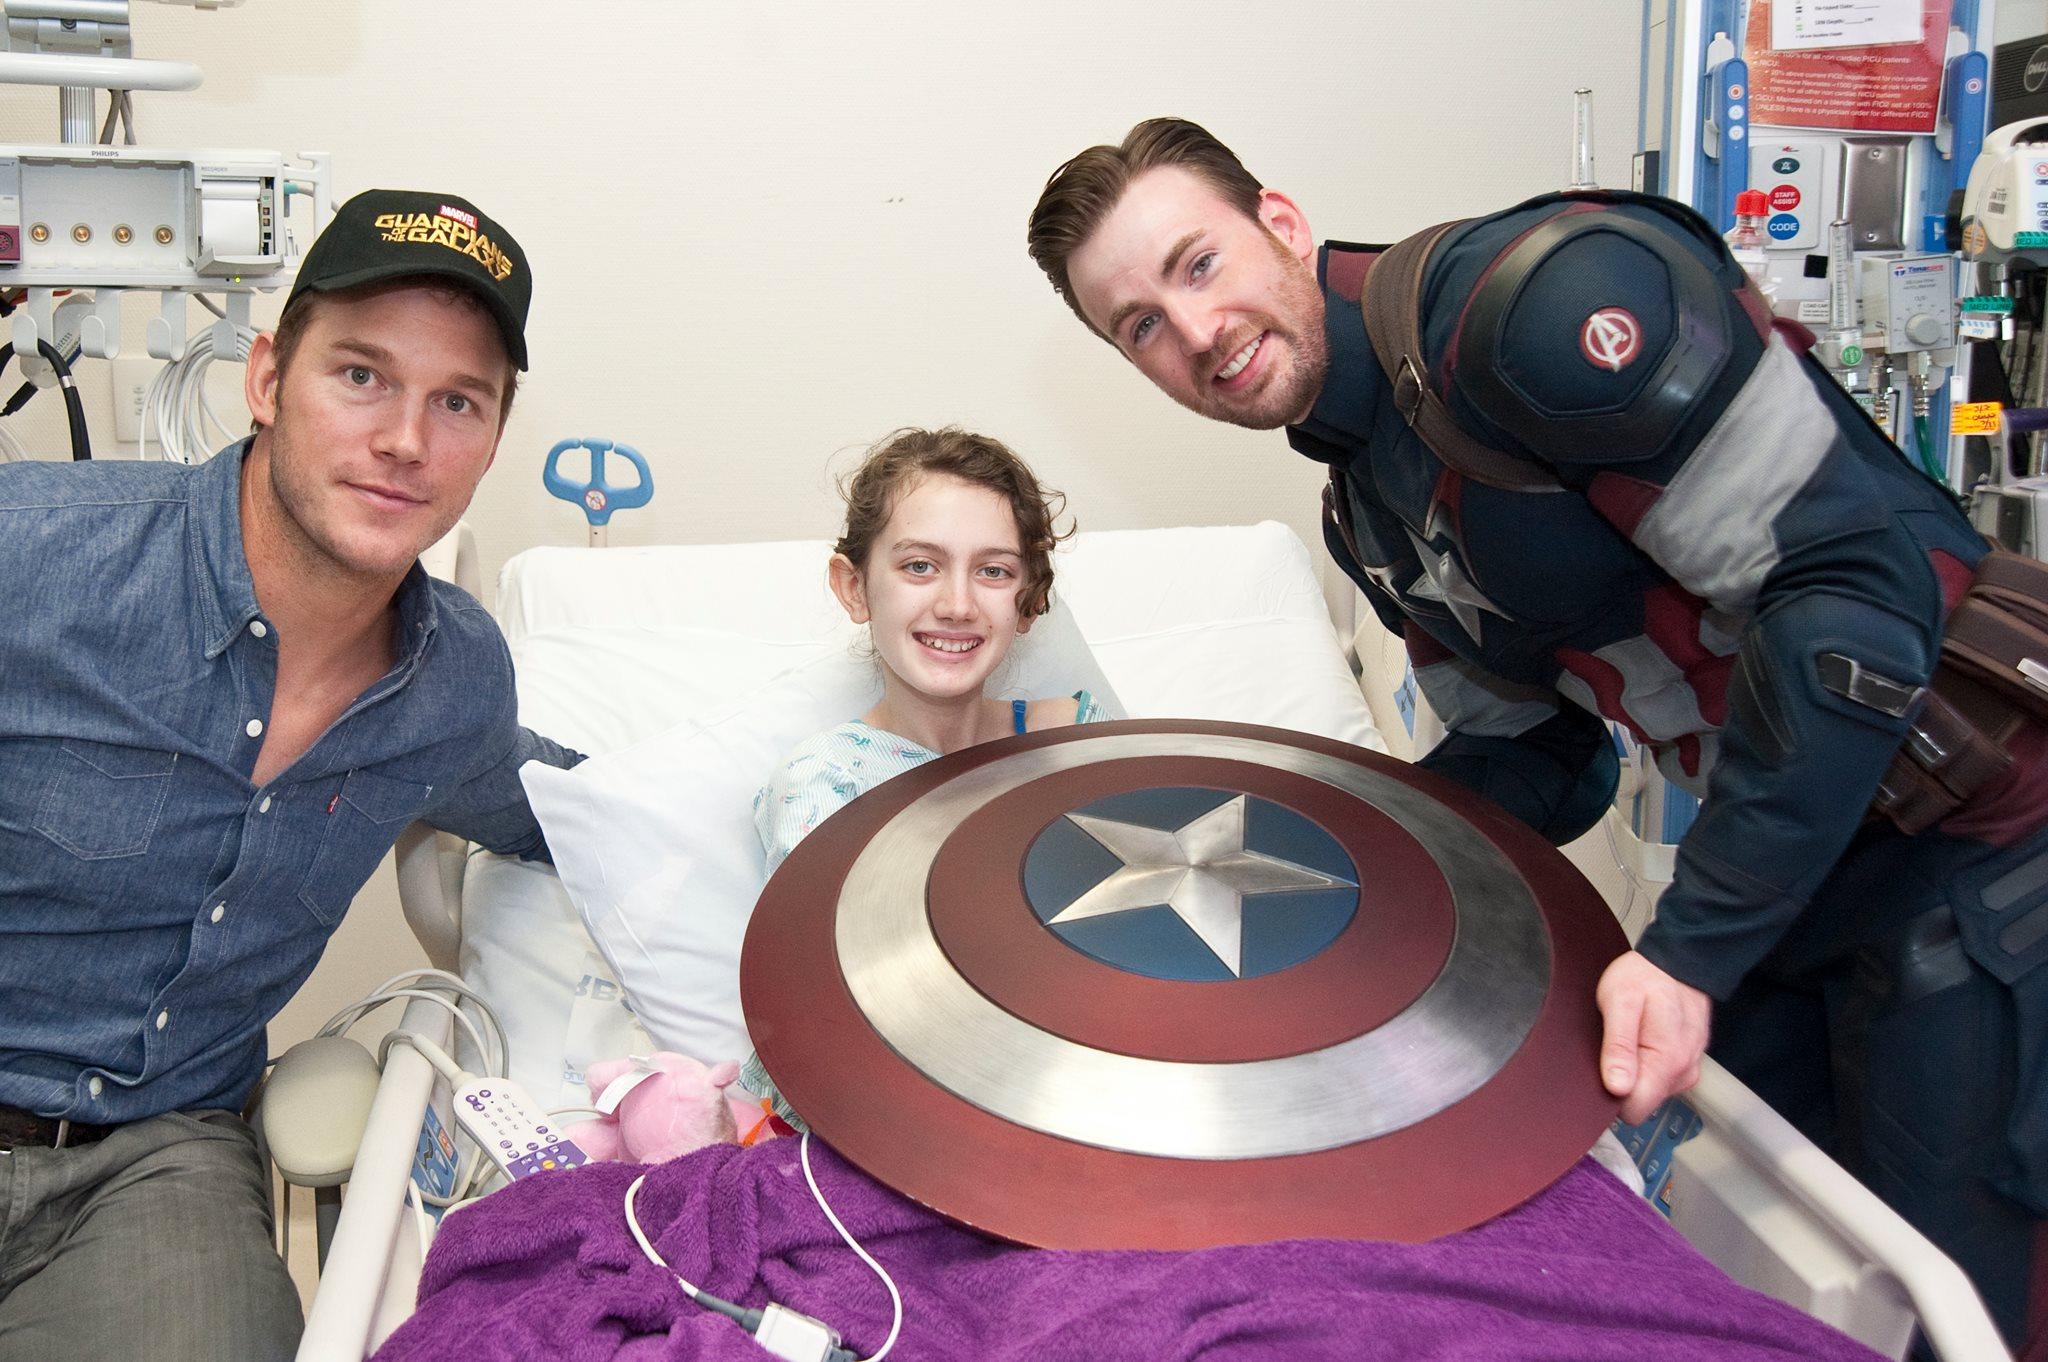 Chris Pratt and Chris Evans as Captain America at Seattle Children's Hospital